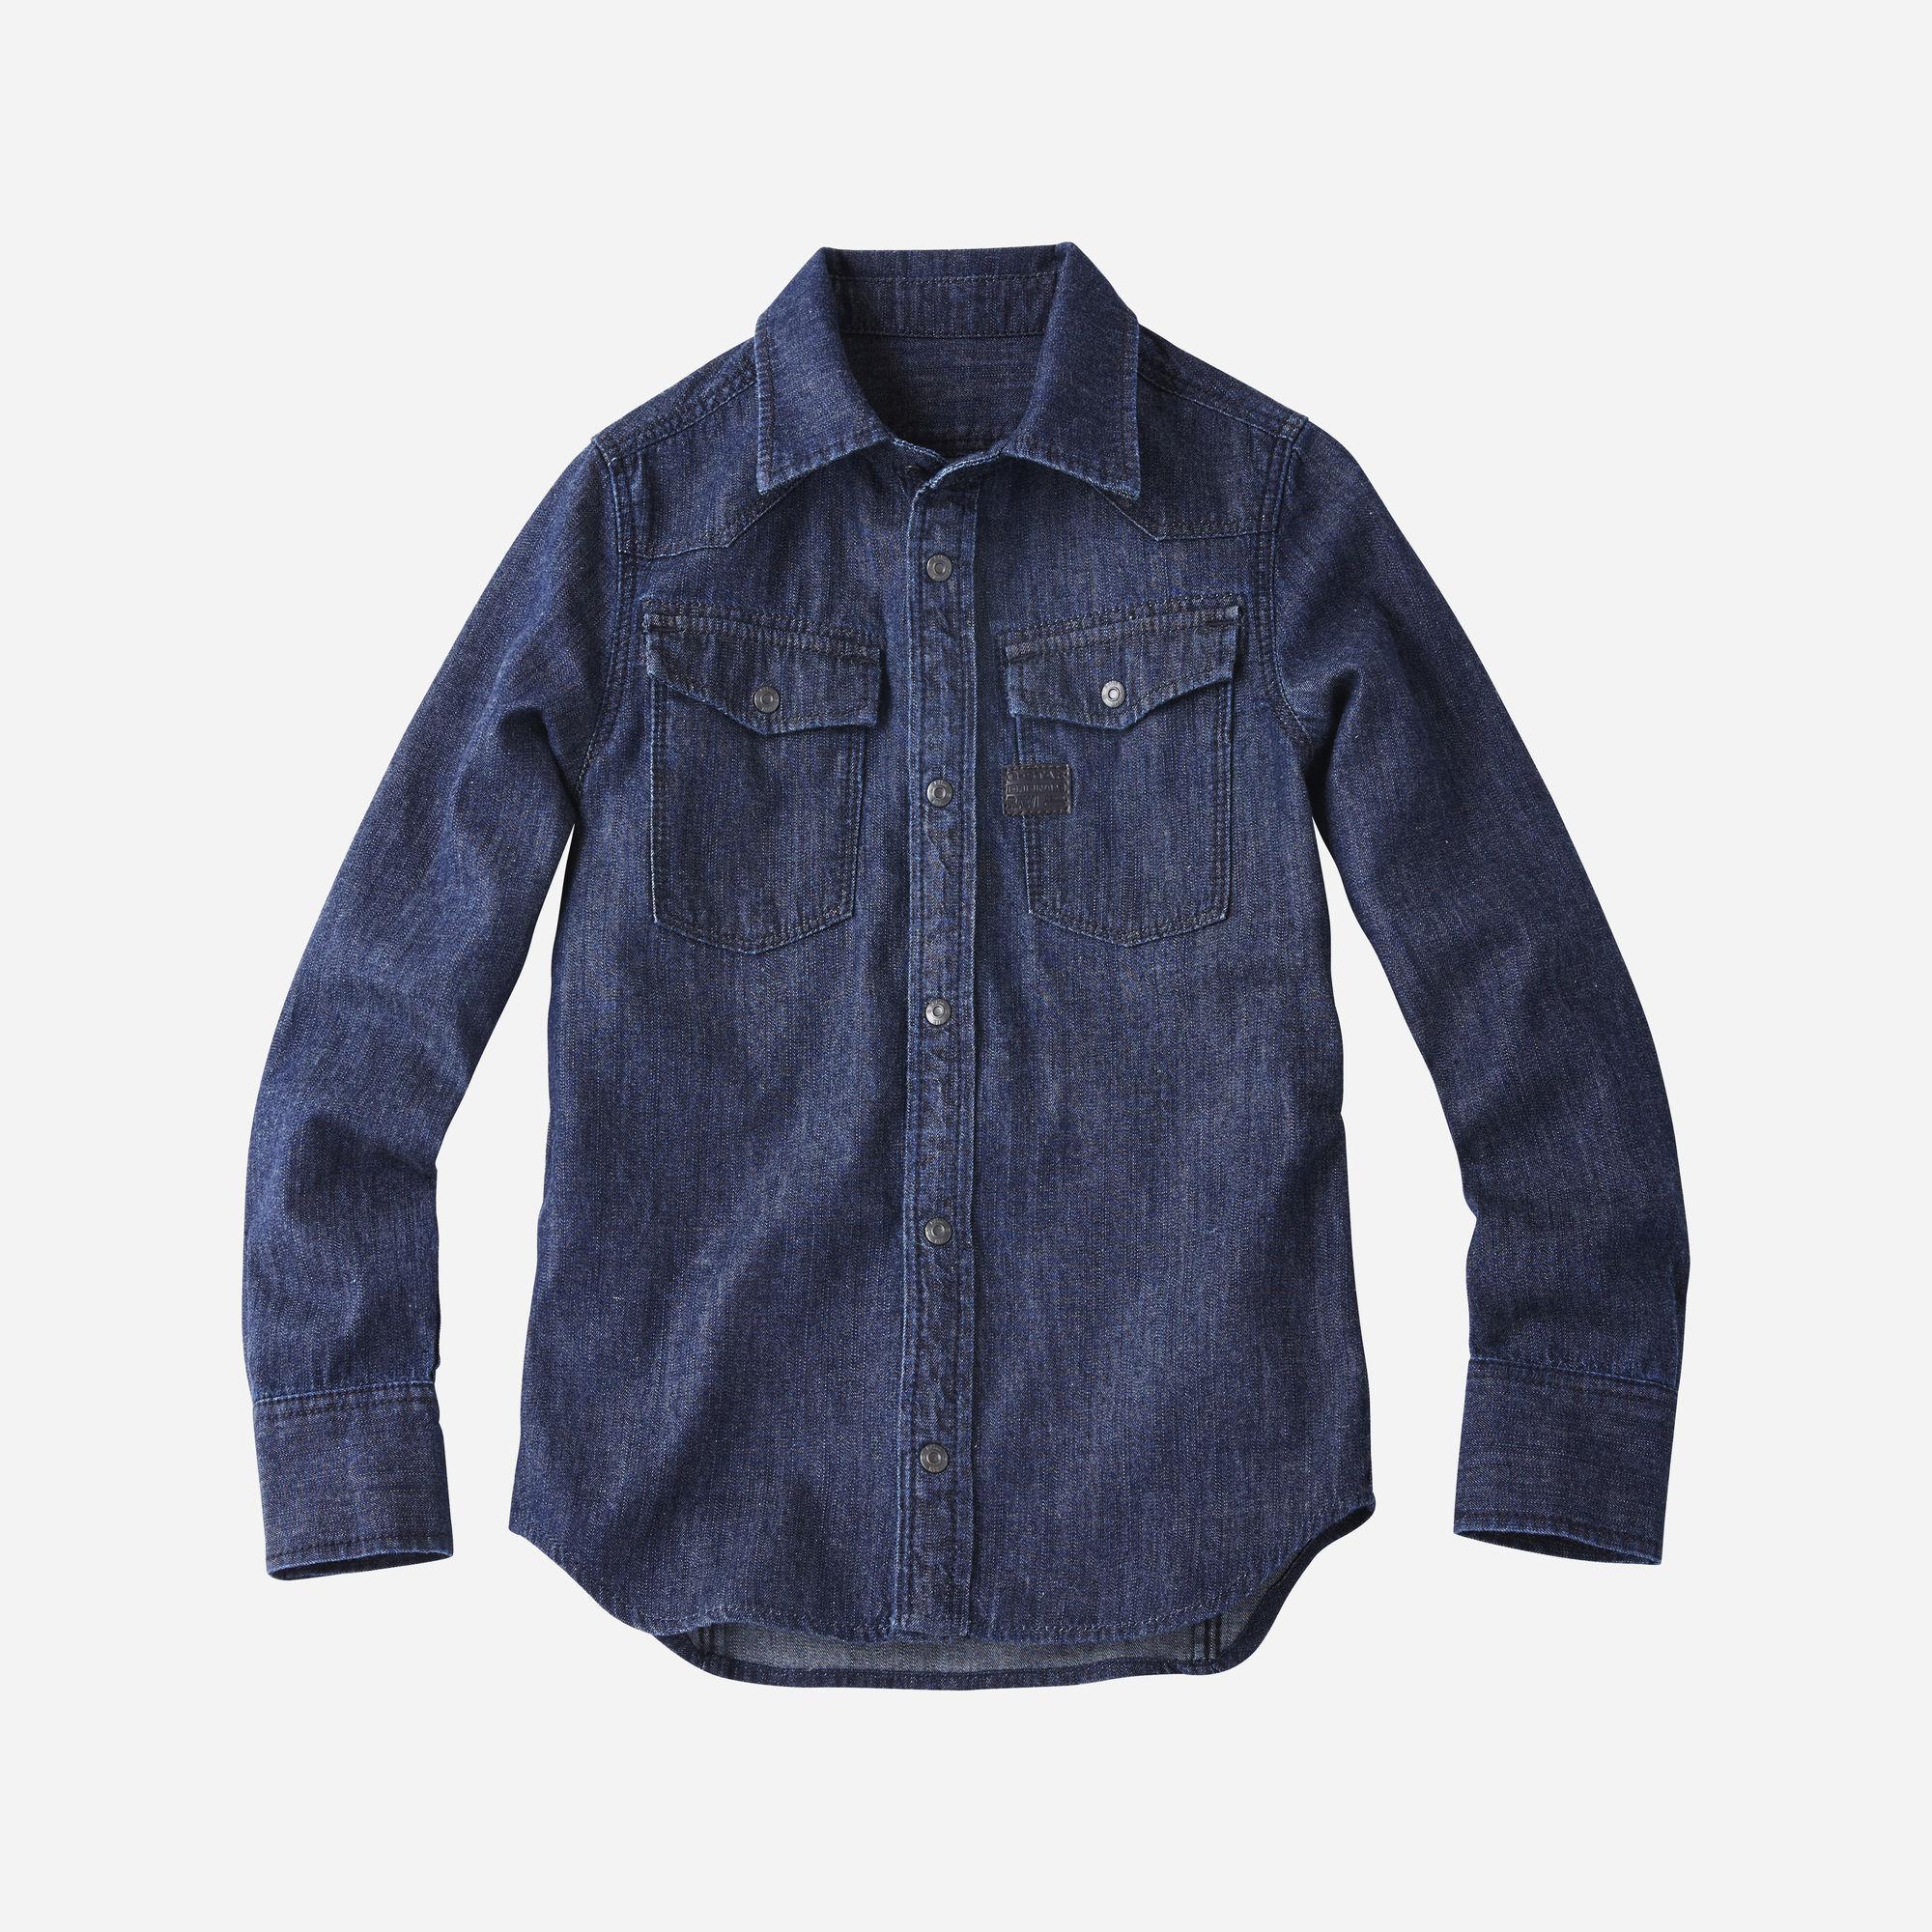 G-star RAW Garçons 3301 Shirt Bleu foncé  - Taille: 152